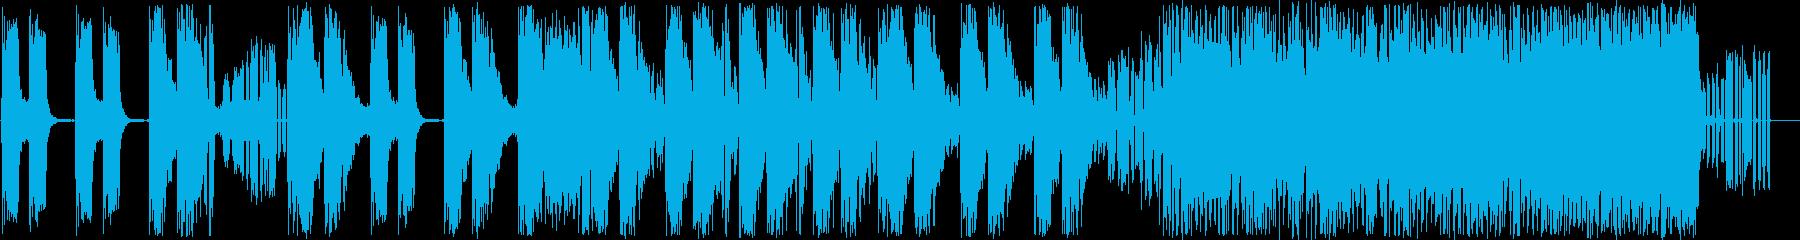 エレクトロニカな登場系ジングルの再生済みの波形